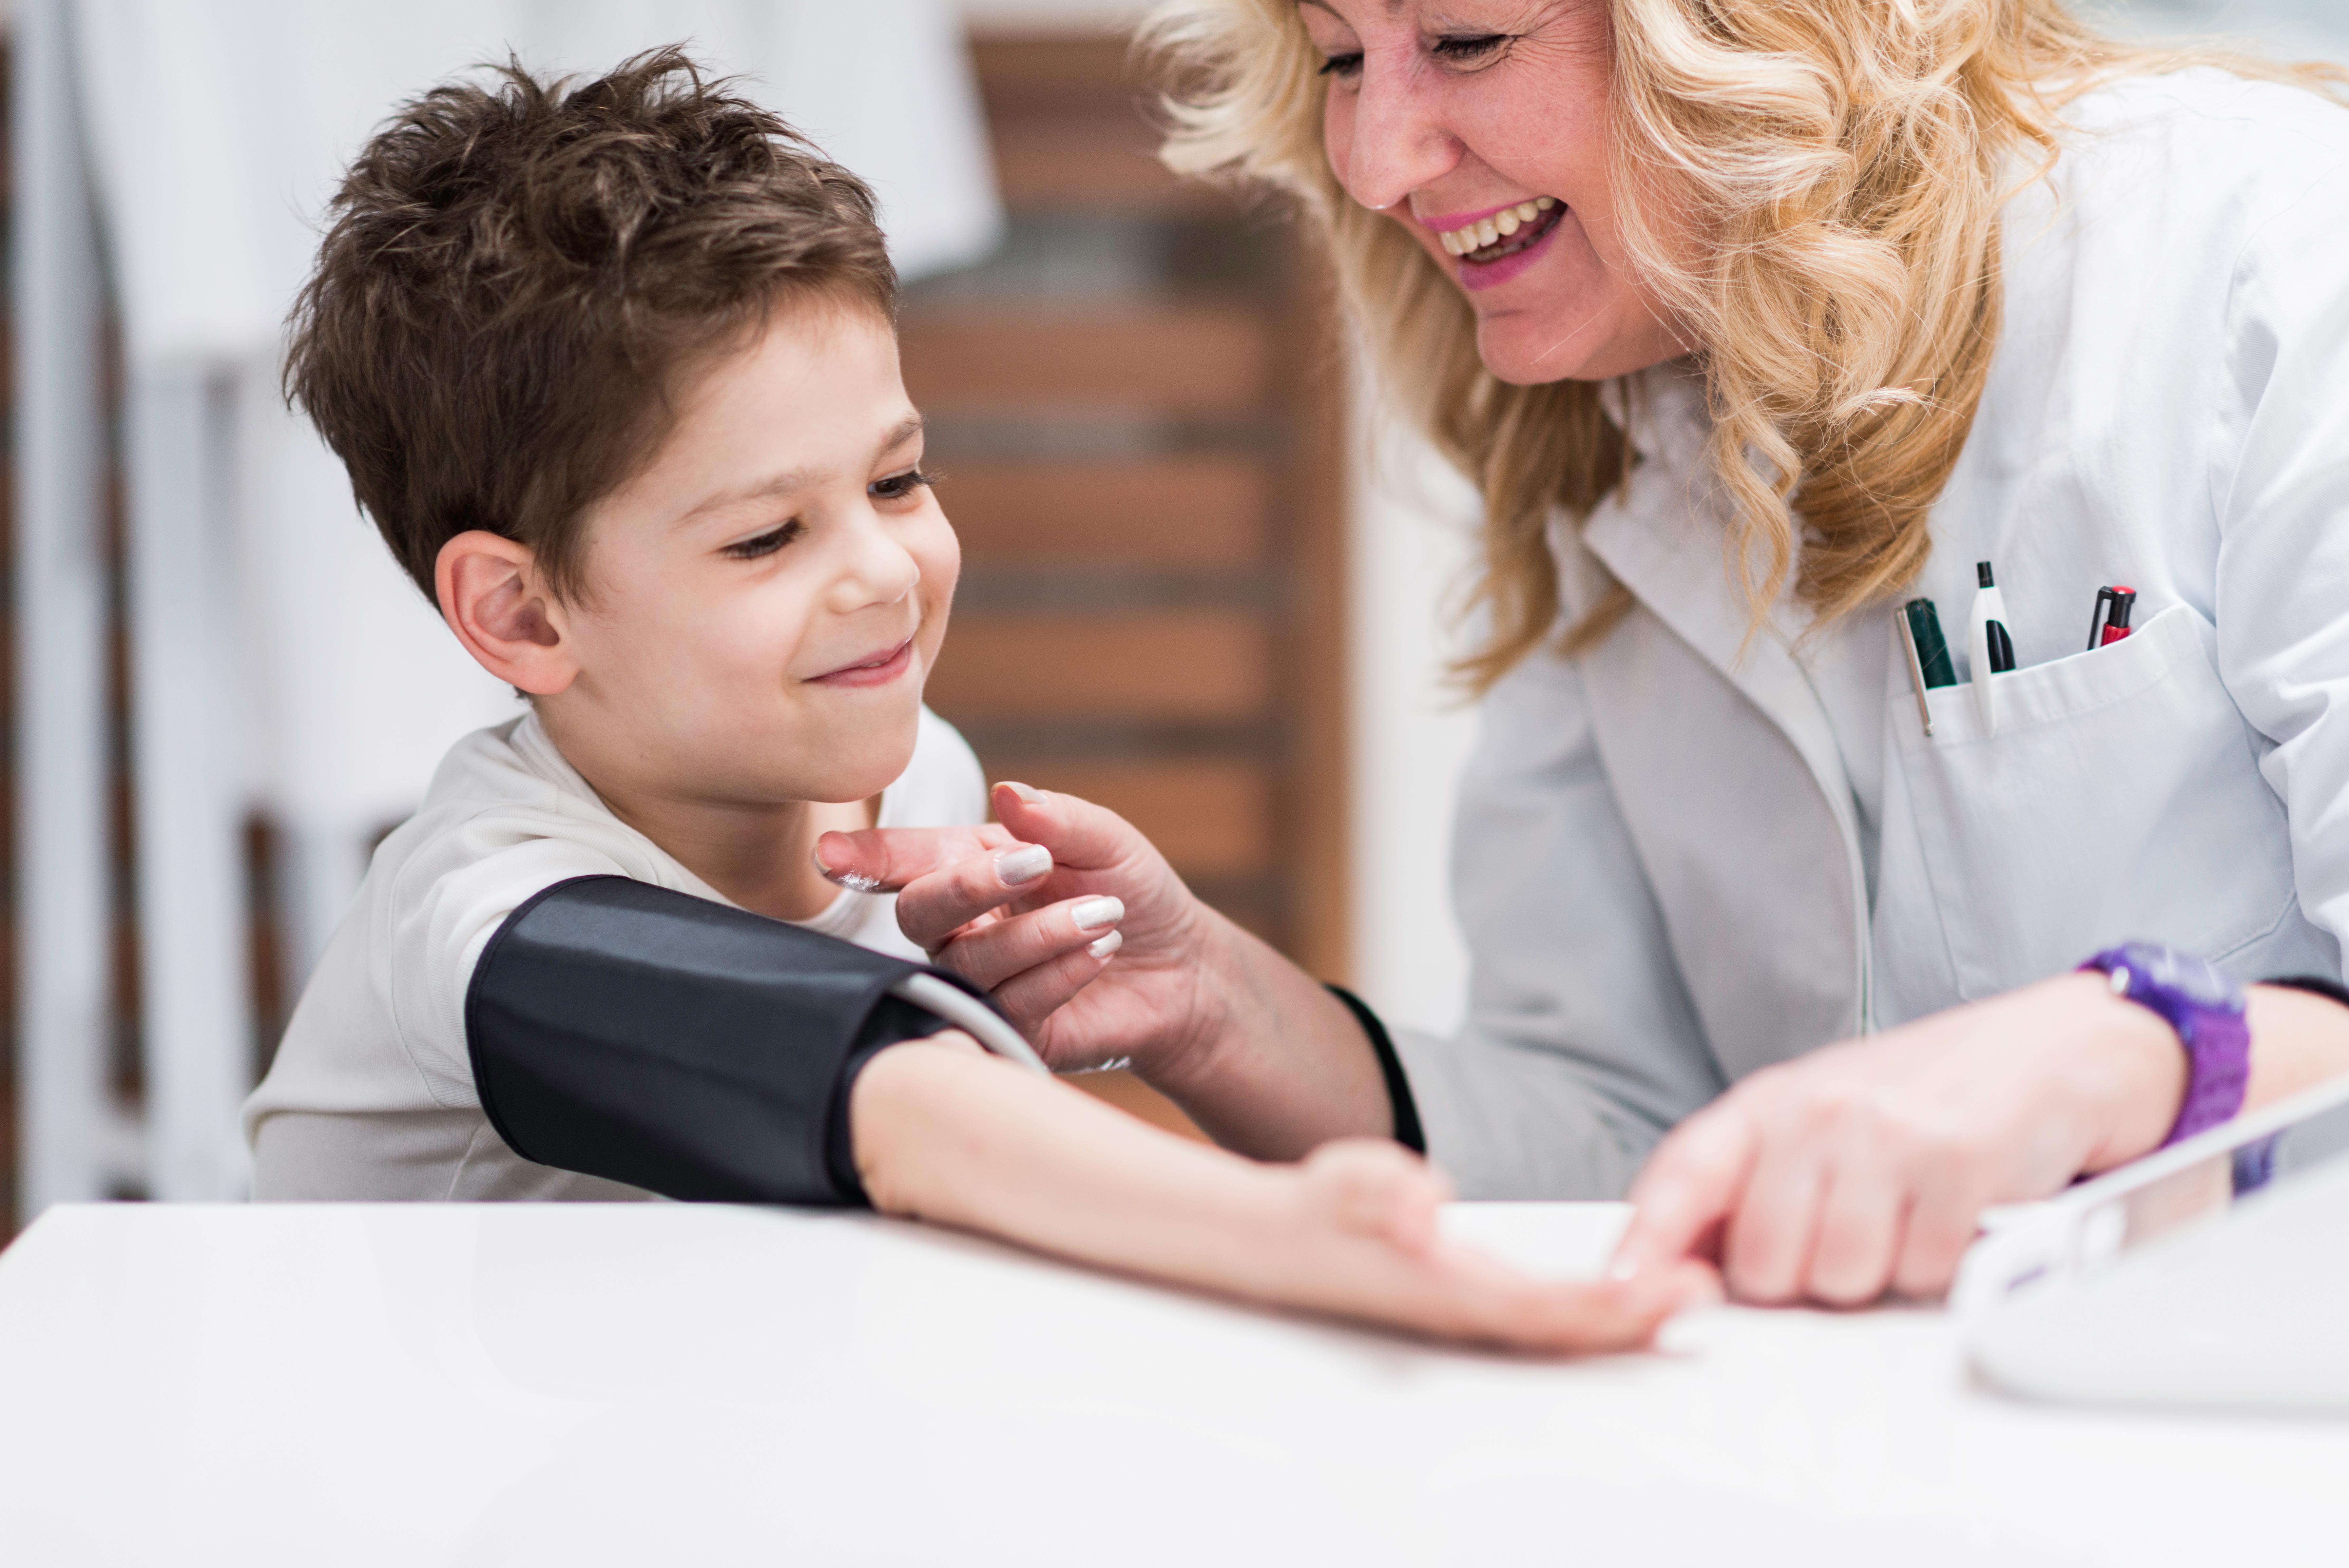 Les enfants en surpoids à 4 ans, ont un risque d'hypertension artérielle à 6 ans, ce qui augmente leur risque de crise cardiaque et d'AVC plus tard dans la vie